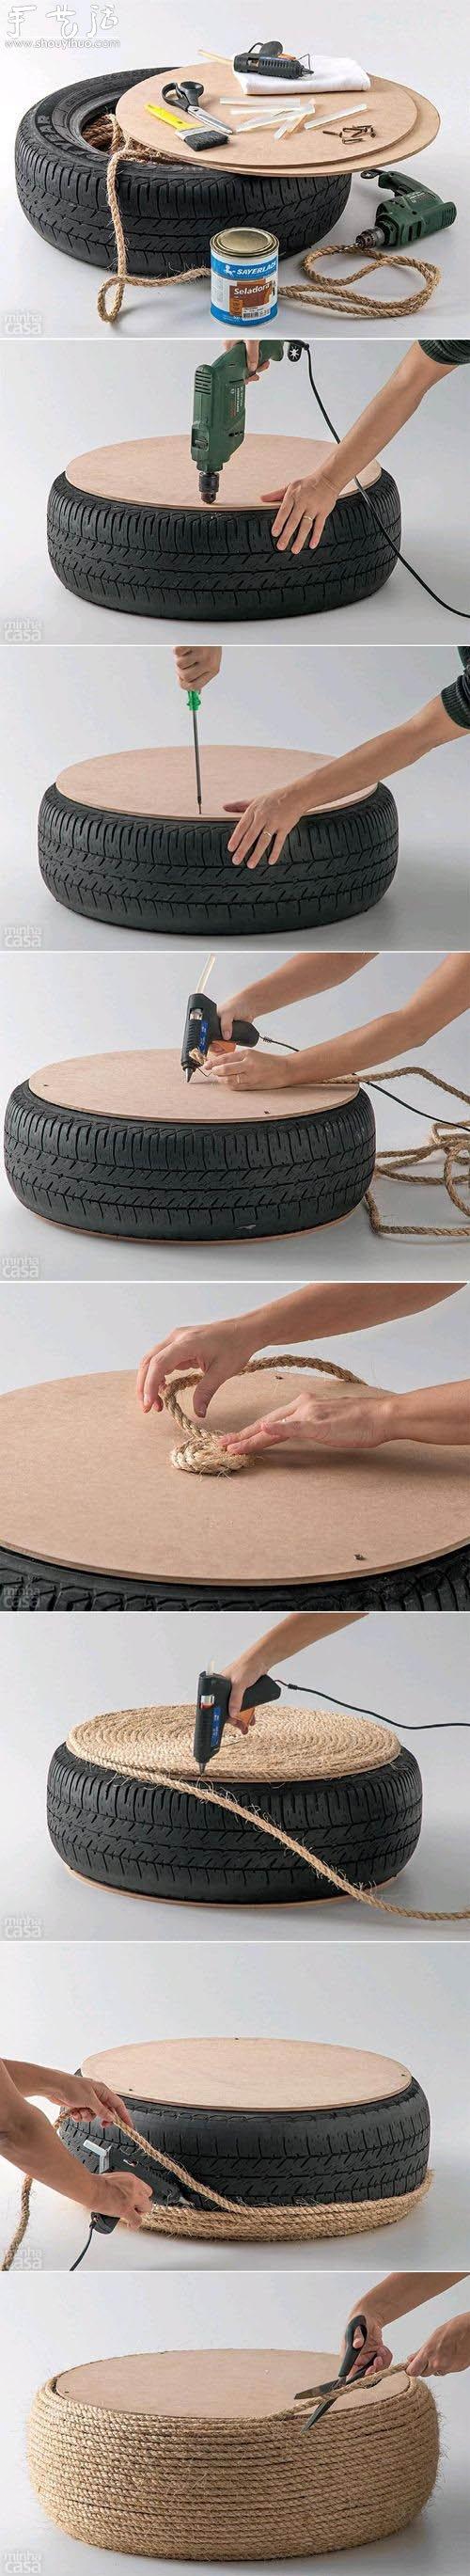 废弃汽车轮胎制作茶几的方法教程 - www.shouyihuo.com